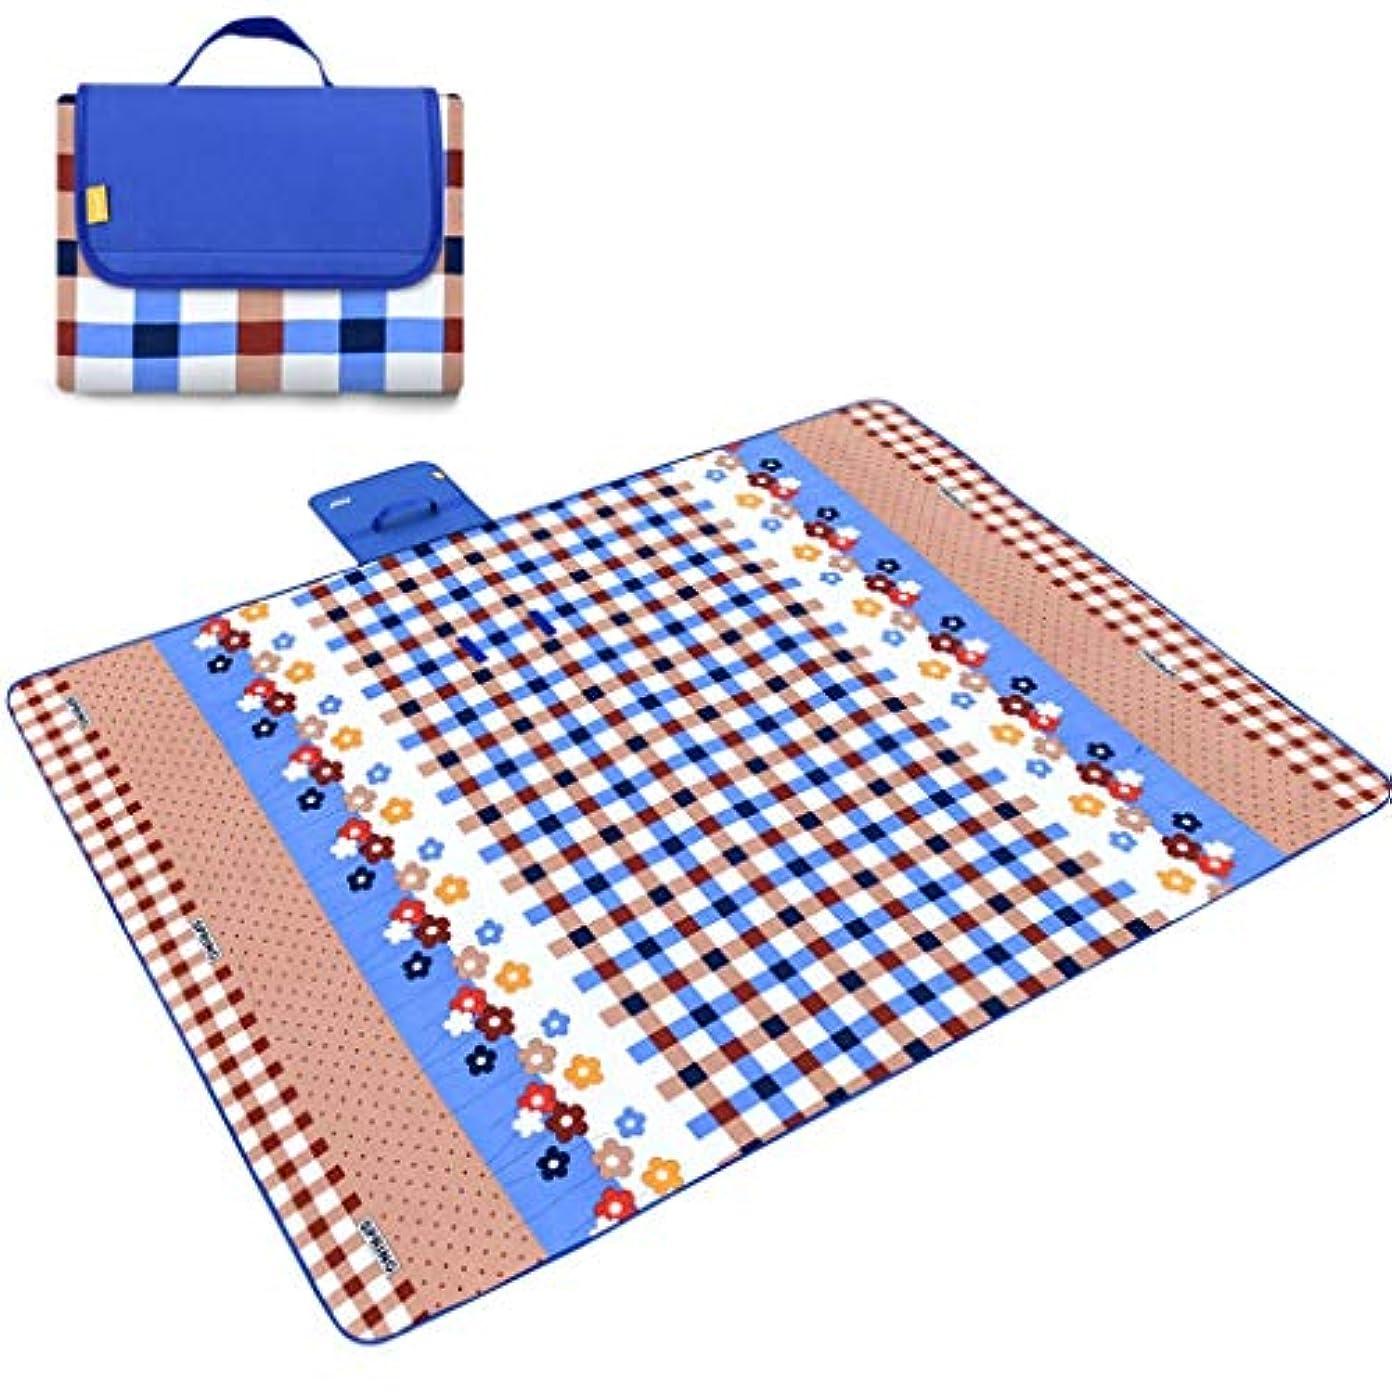 シャツ誤ってオープナーJYY 屋外のピクニックマット、特大のキャンプ用毛布、防水の携帯用芝生と浜の防水とサンドプルーフ、焦げ付き防止の草のピクニック布 (色 : Striped flower, Size : 200x150cm)